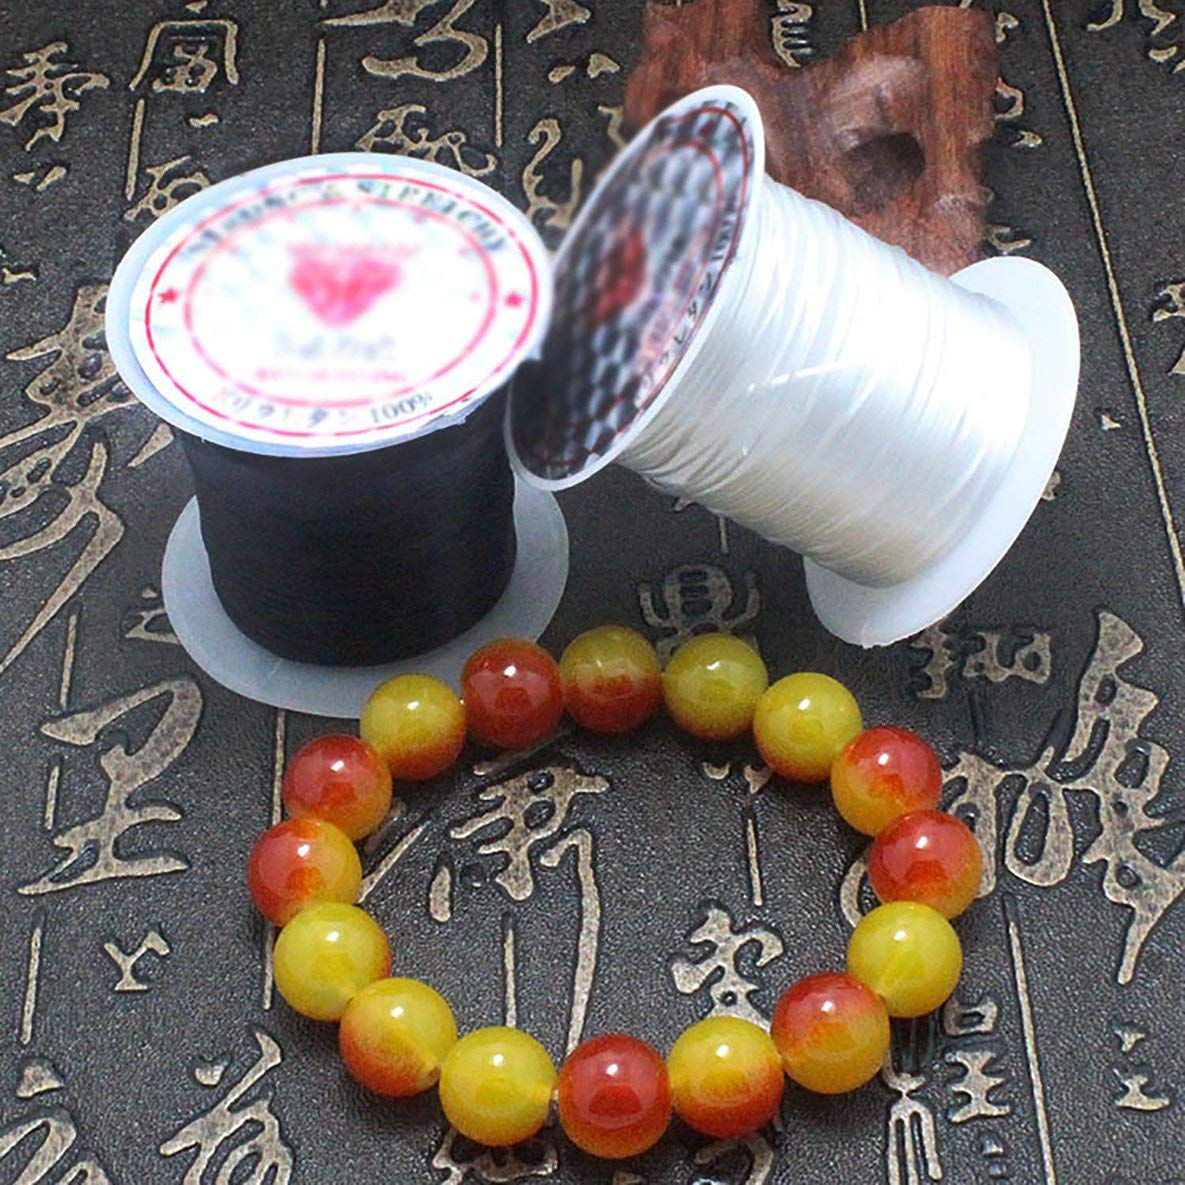 die das Armband-B/ördeln Thema Craft Accessories Noradtjcca 40m Flach Elastic Kristall Stretch String Polyester-Schnur f/ür Schmucksachen 43Yard